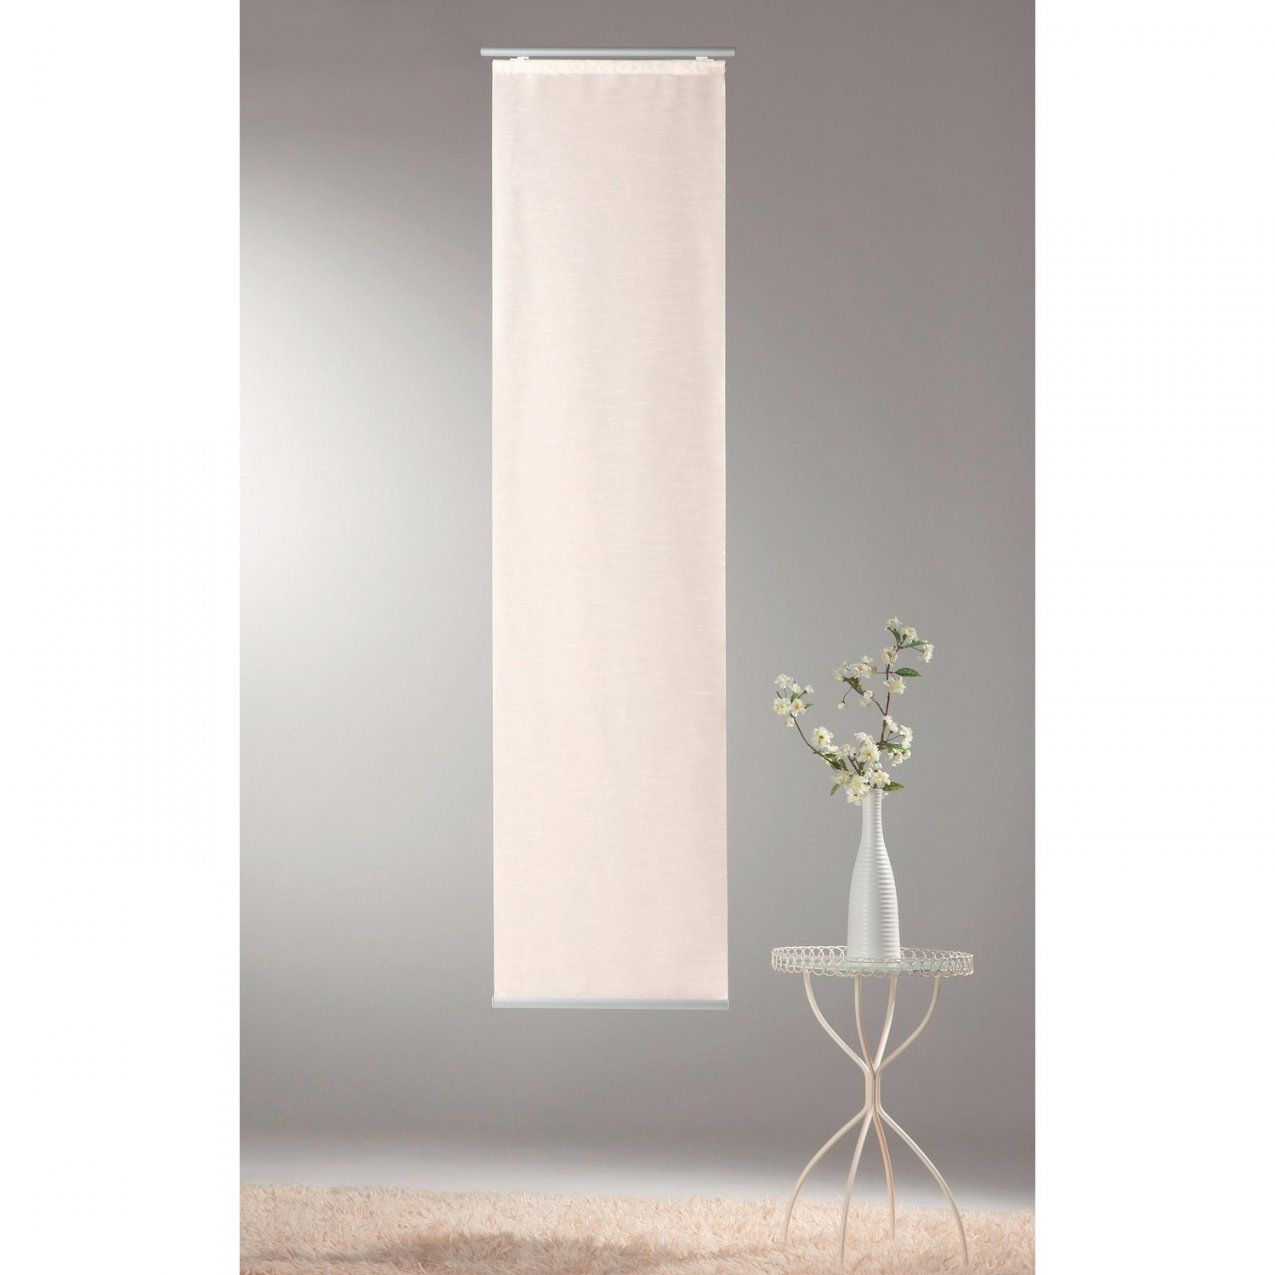 Schiebevorhang Limbo 1 Natur 180 Cm X 30 Cm Kaufen Bei Obi von Schiebevorhang 30 Cm Breit Bild